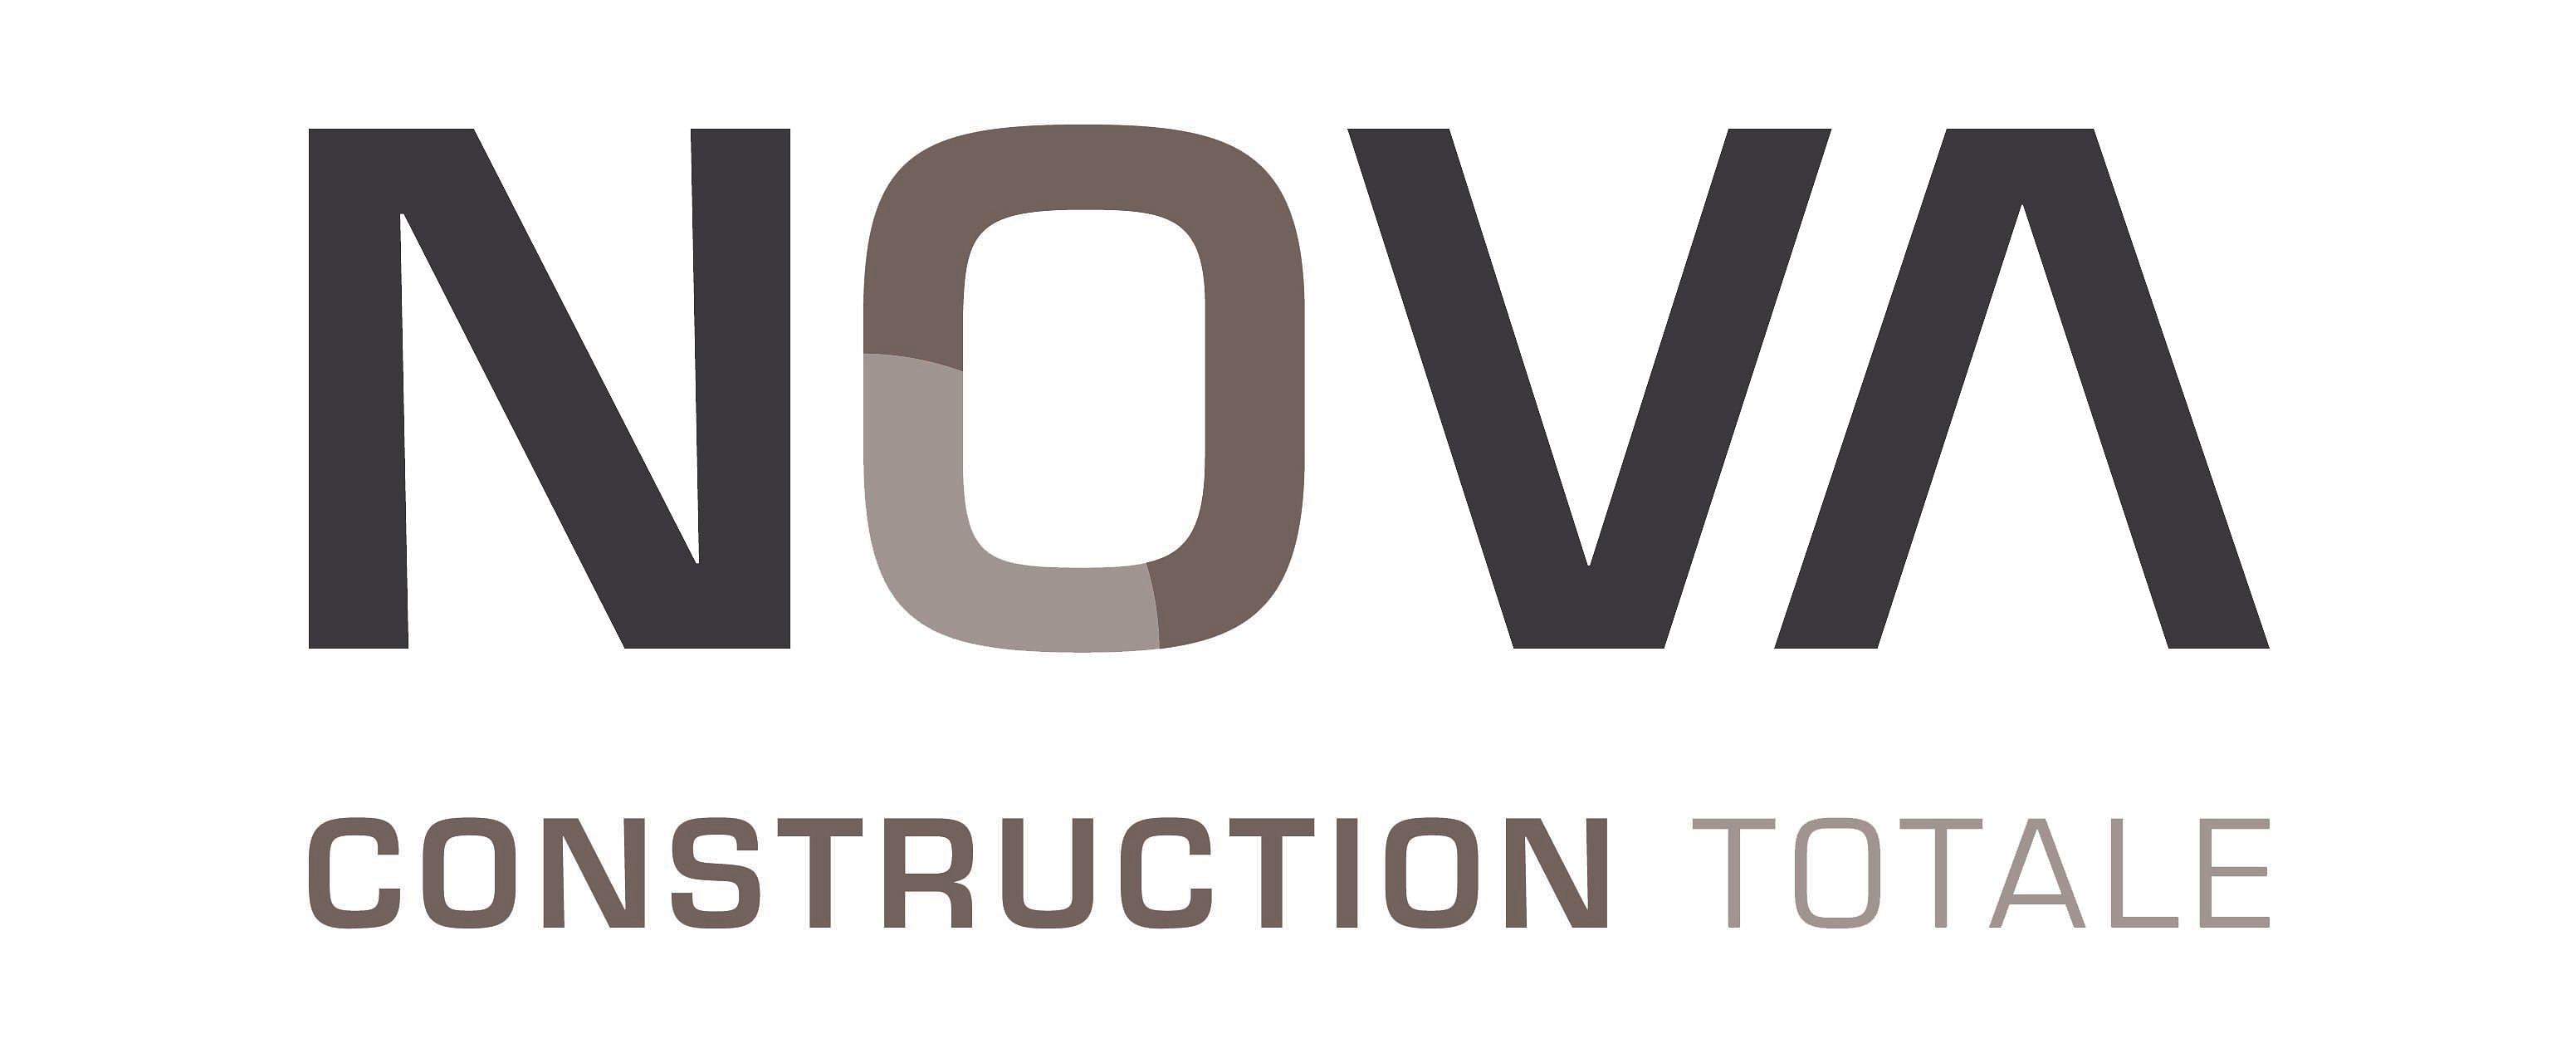 NOVA Construction Totale SA